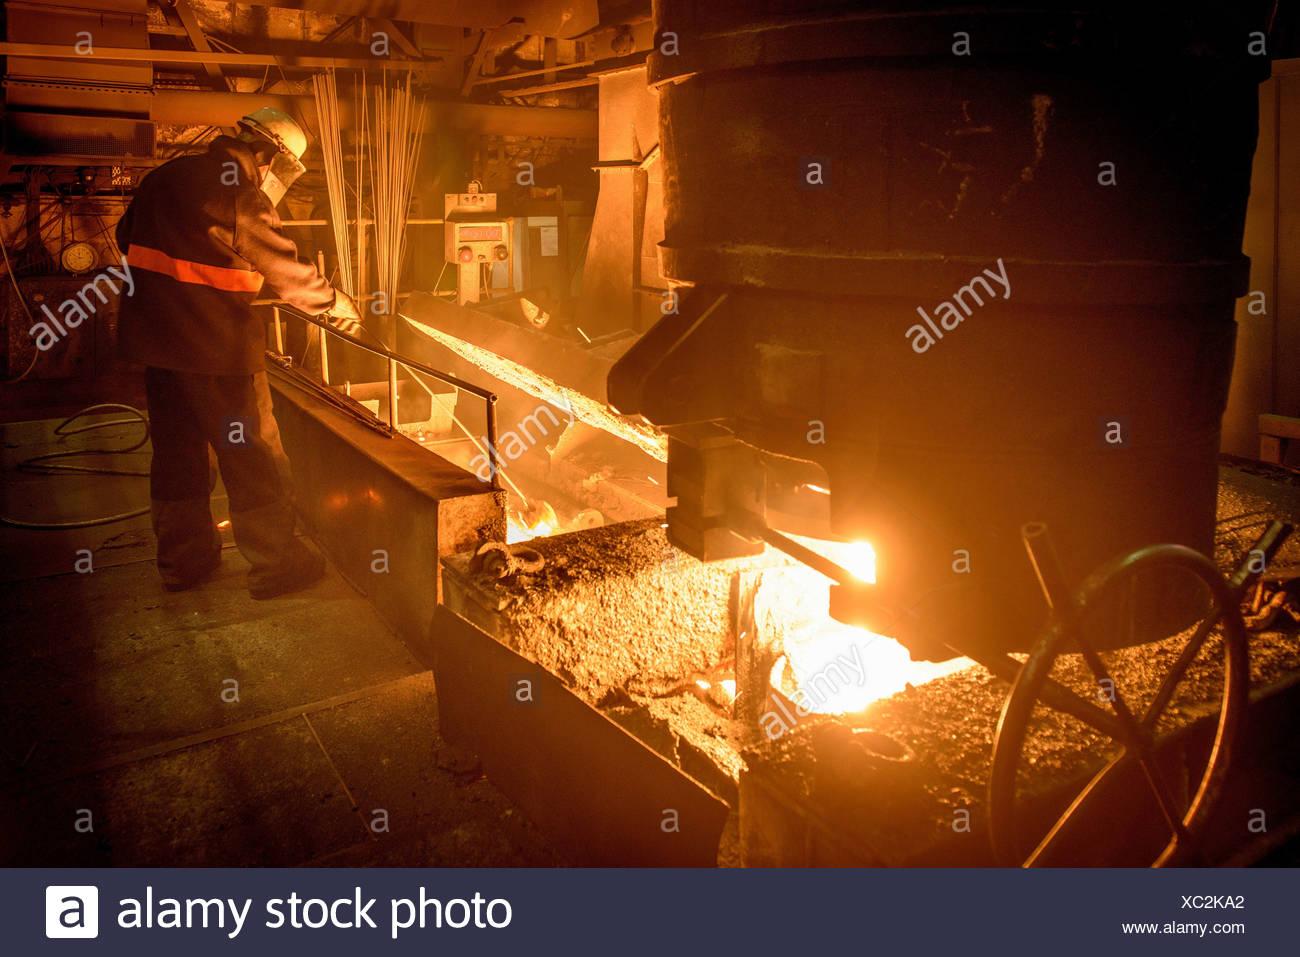 Steel worker attending furnace in steel foundry - Stock Image